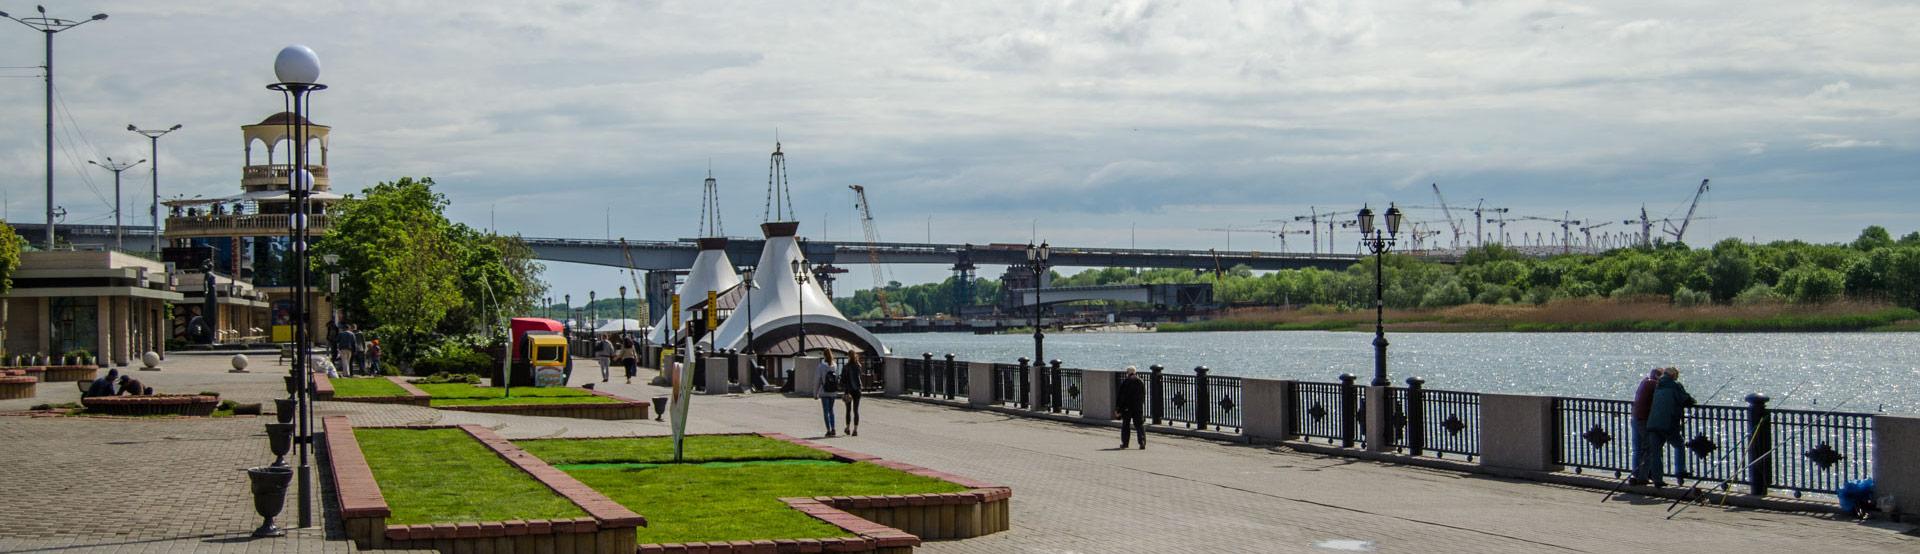 Набережная Ростова-на-Дону - одна из главных достопримечательностей города